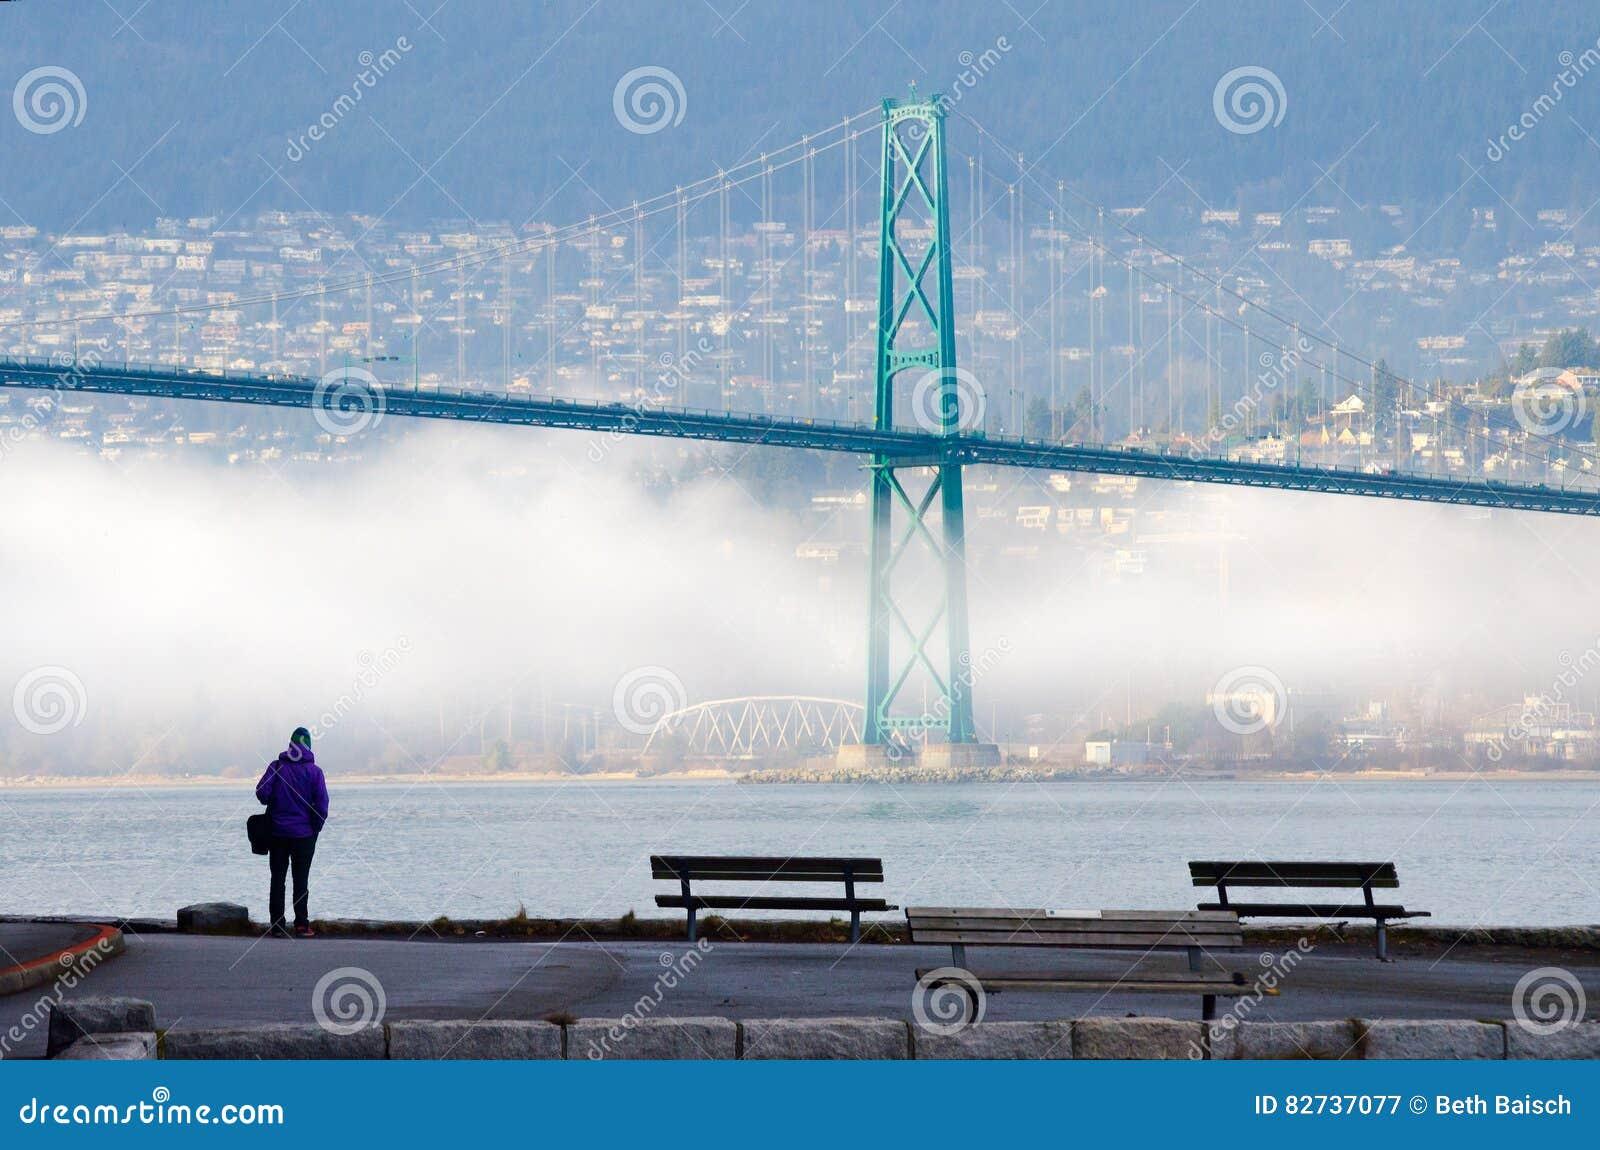 Hiver brumeux à Vancouver, Colombie-Britannique avec le pont en porte de lions